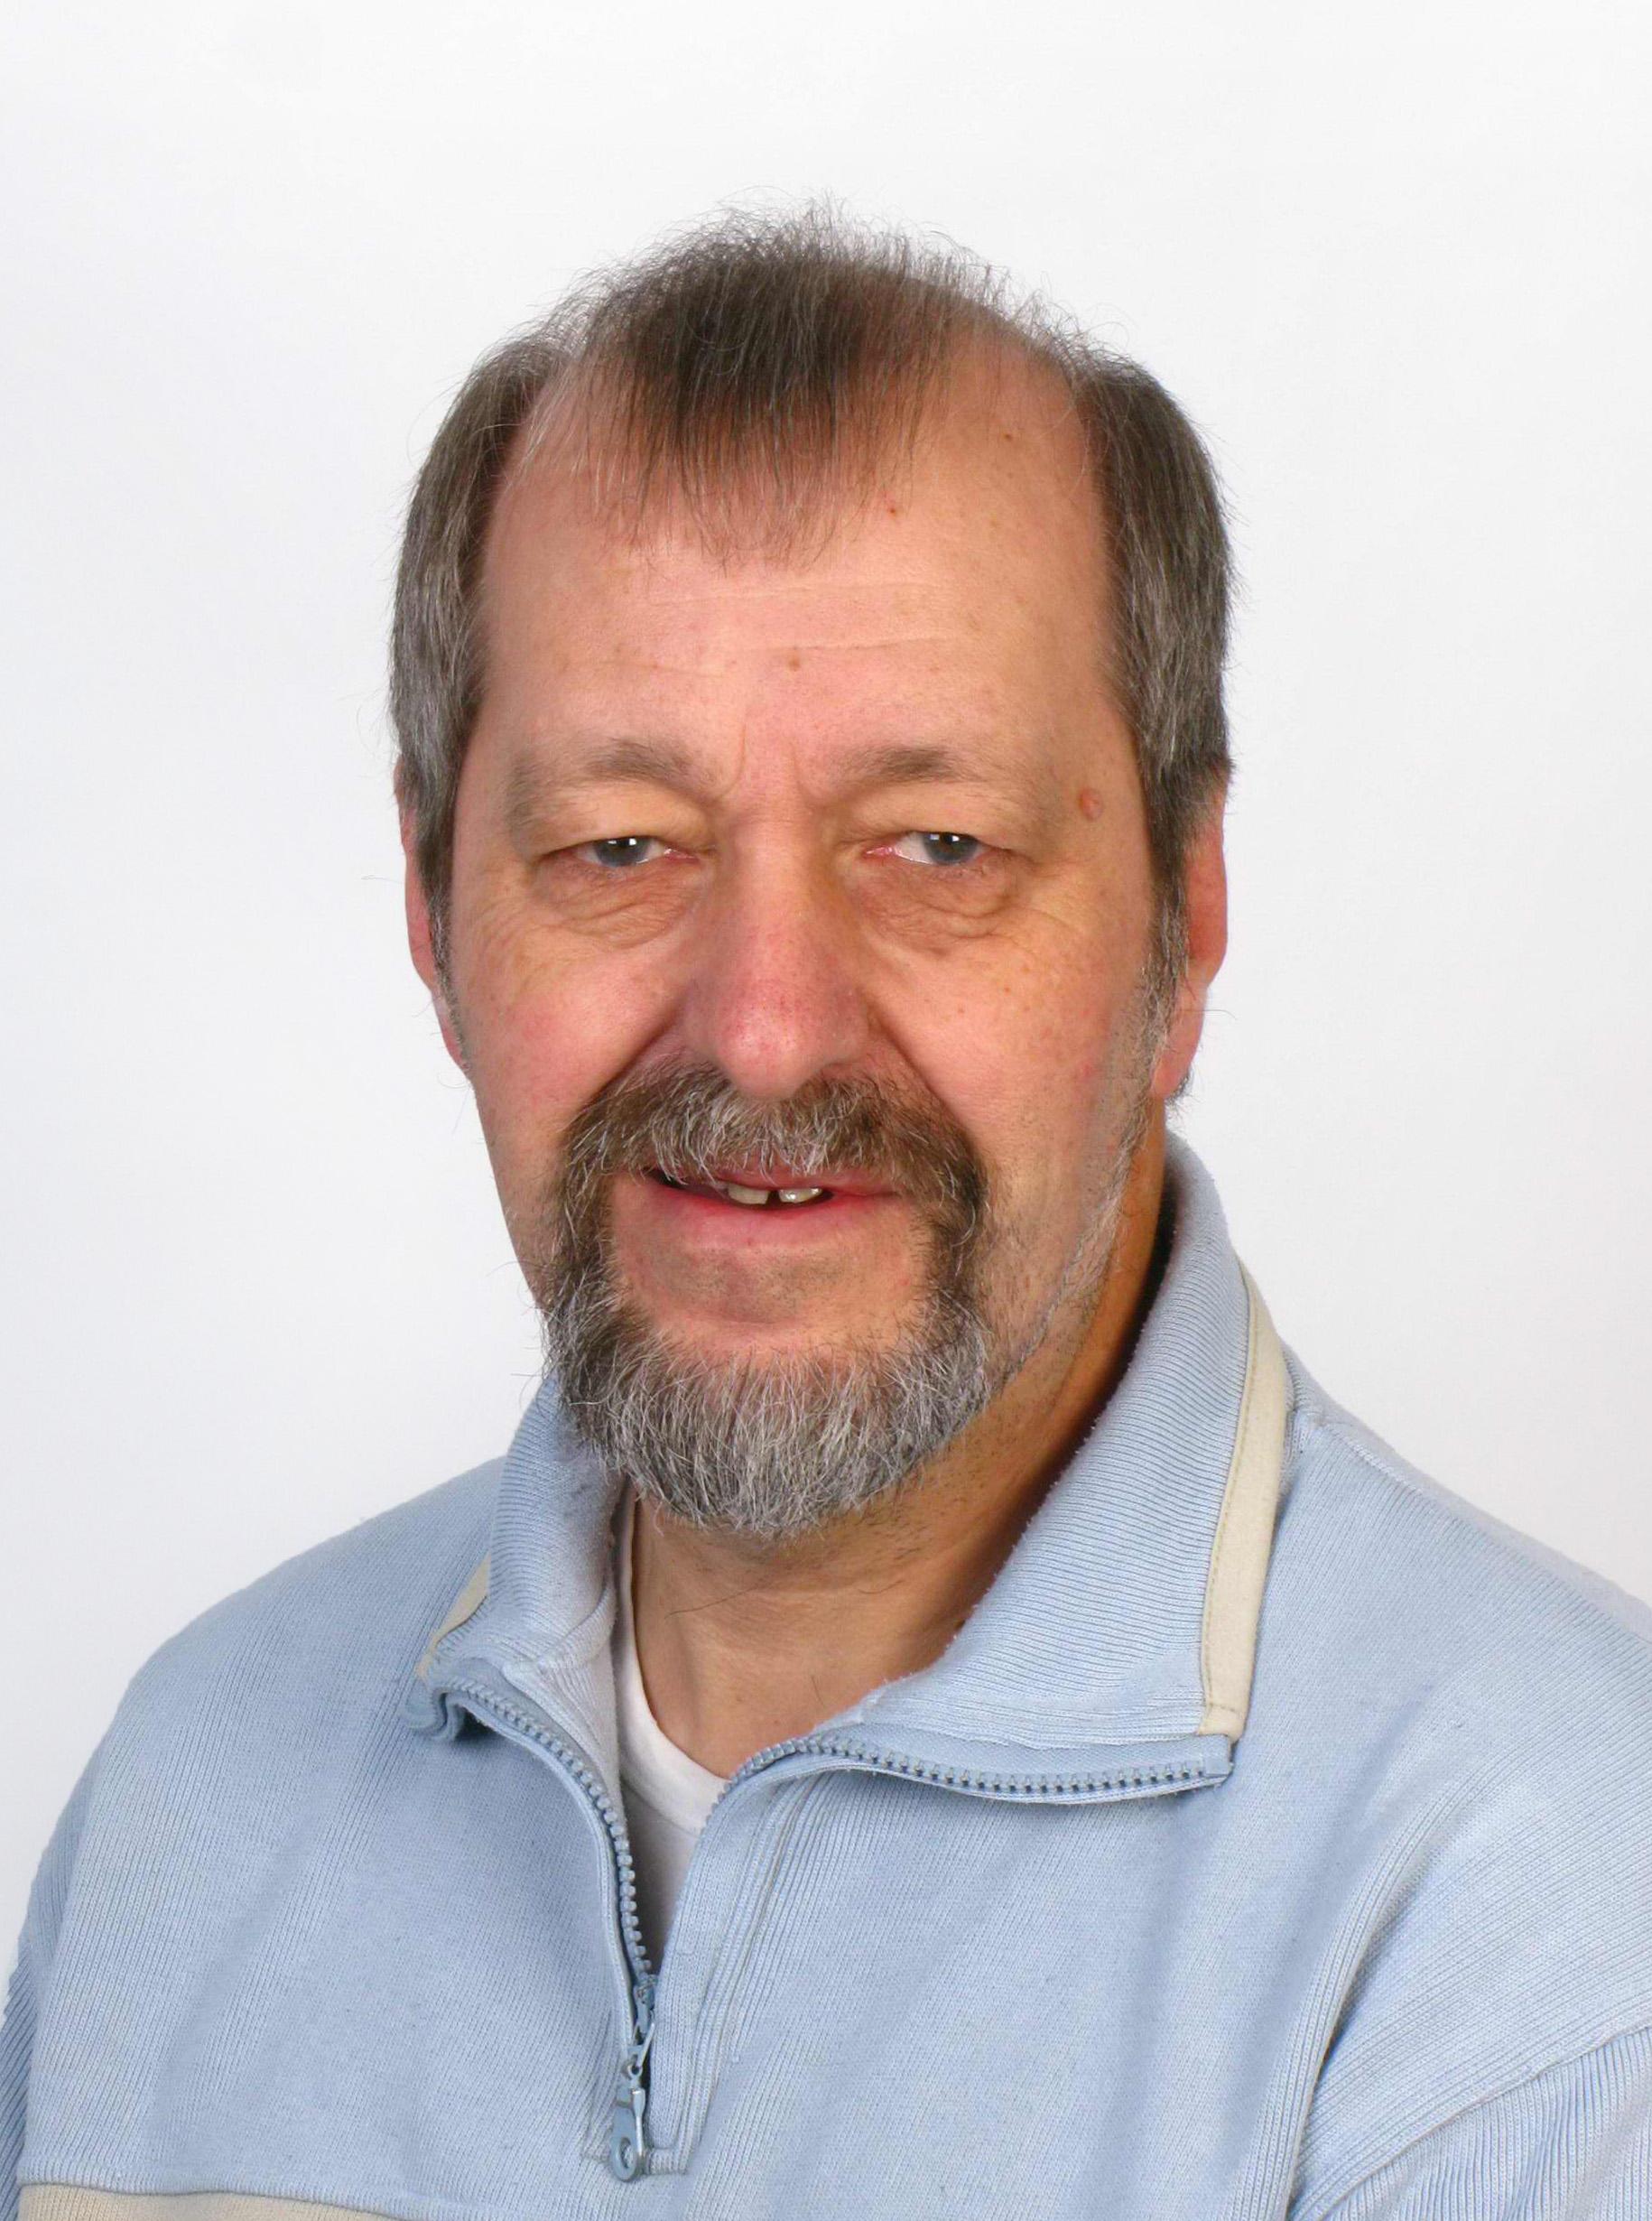 Afbeelding Henk van Akkeren, coördinator van Stichting EHBO Amsterdam en Omstreken